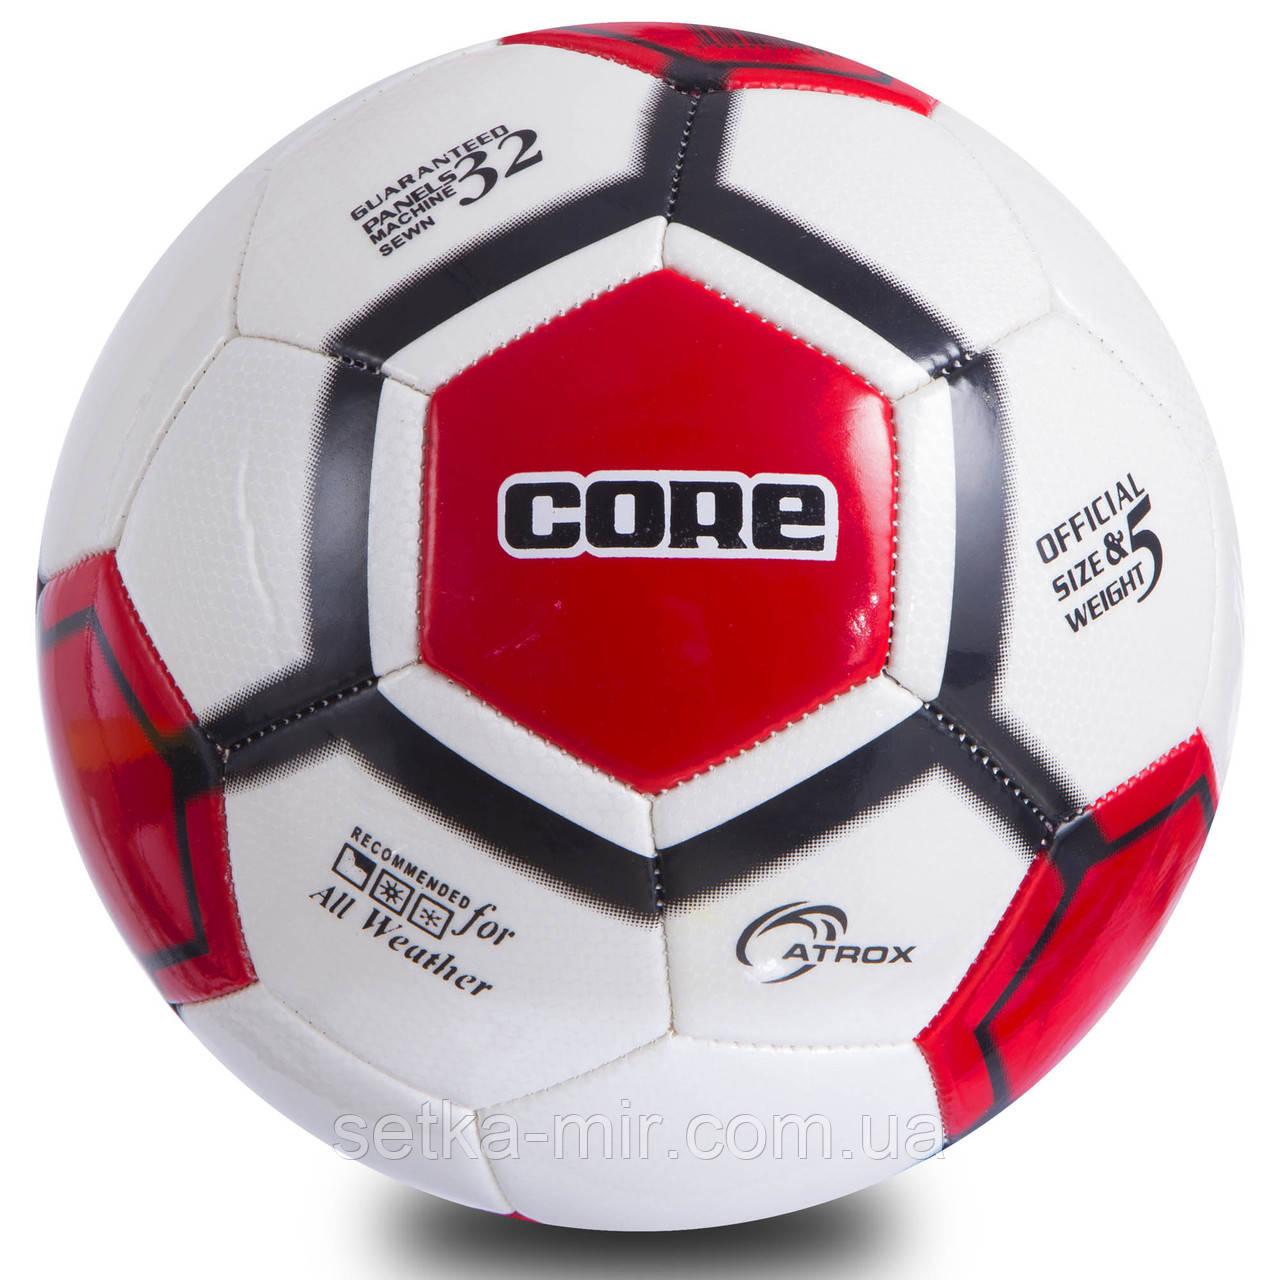 Мяч футбольный №5 PVC Сшит машинным способом CORE ATROX CRM-052 (5сл., белый-черный-красный)